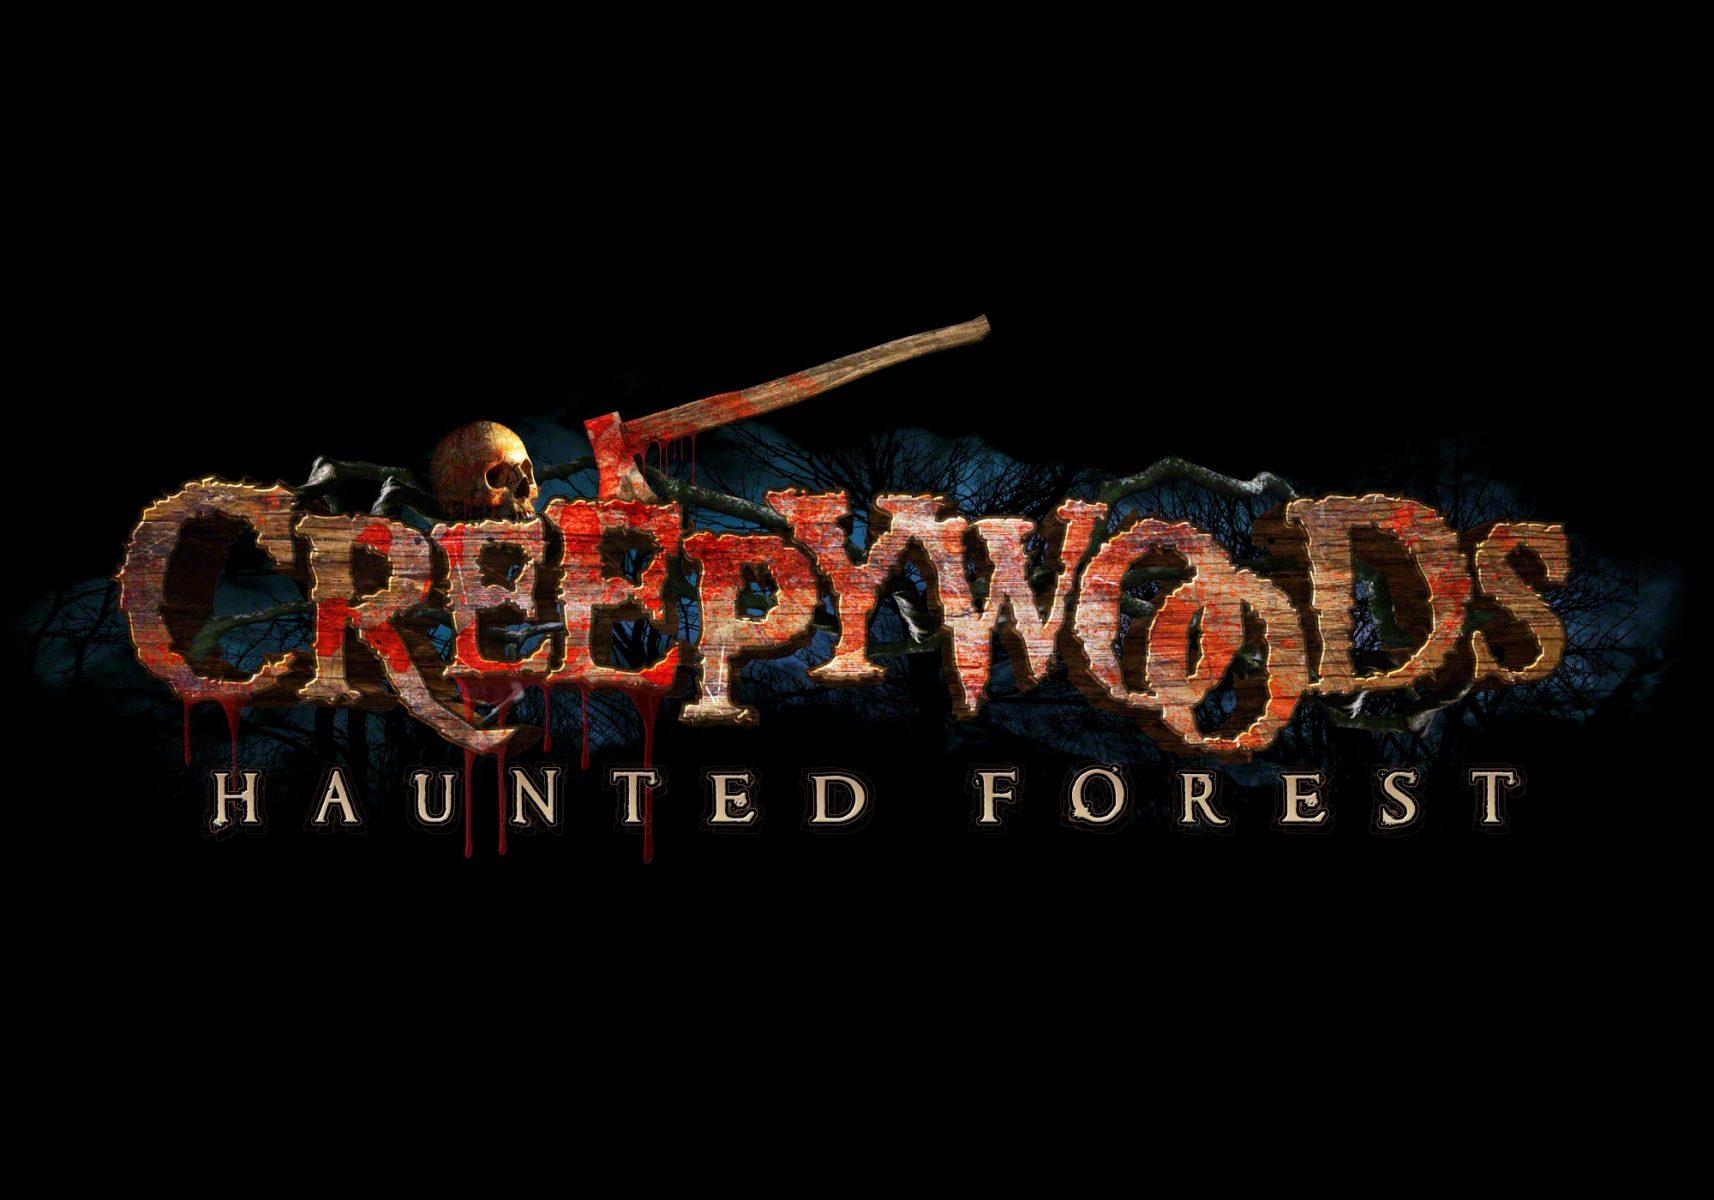 Creepywoods Logo